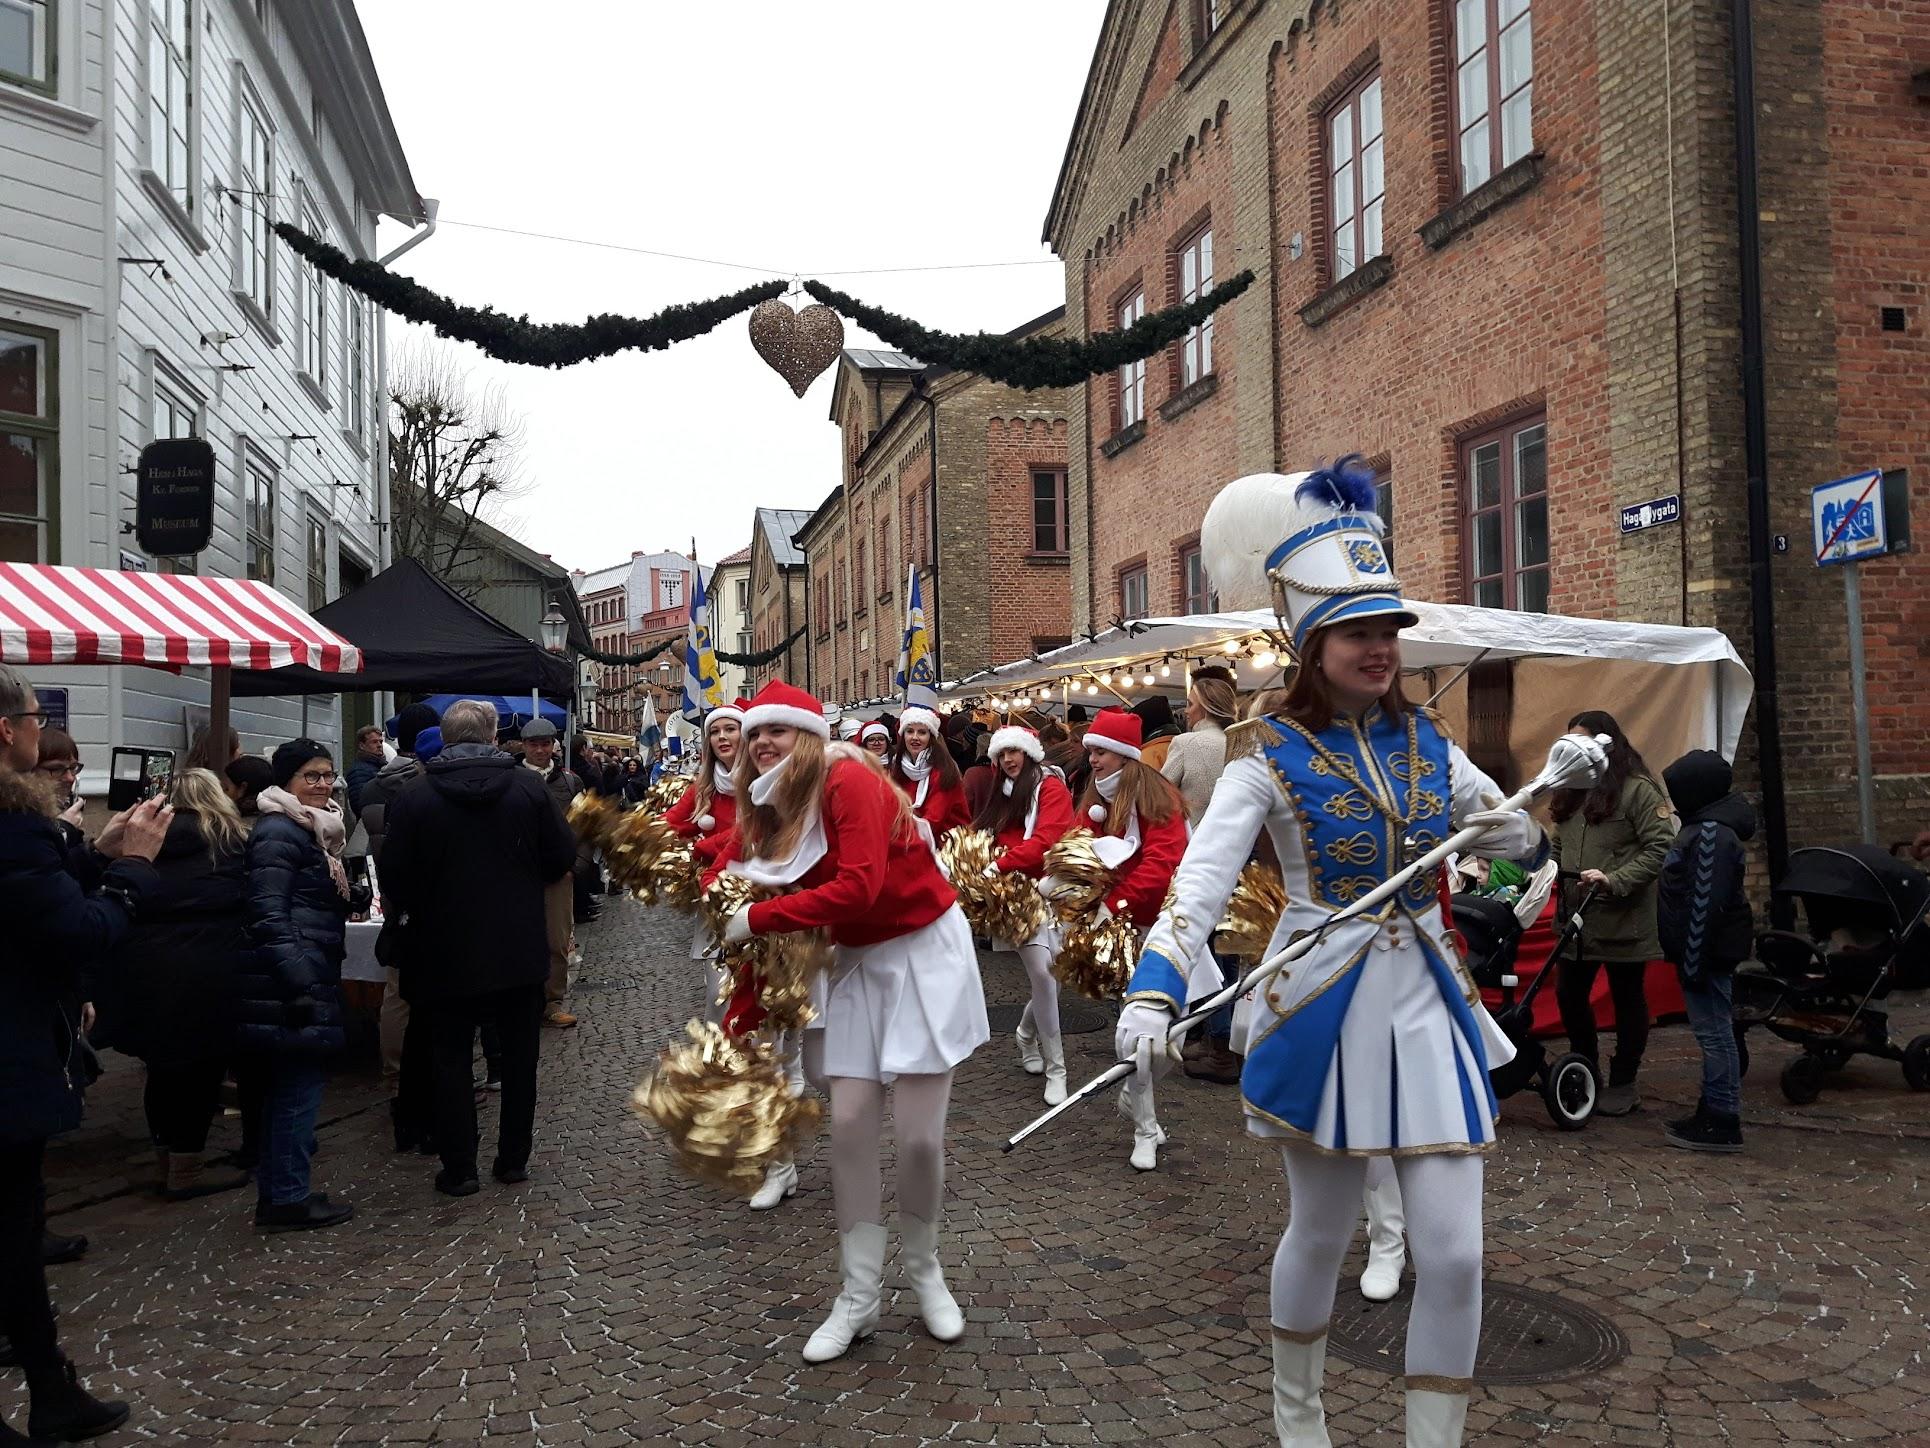 Kerst in Haga - Julstaden Göteborg